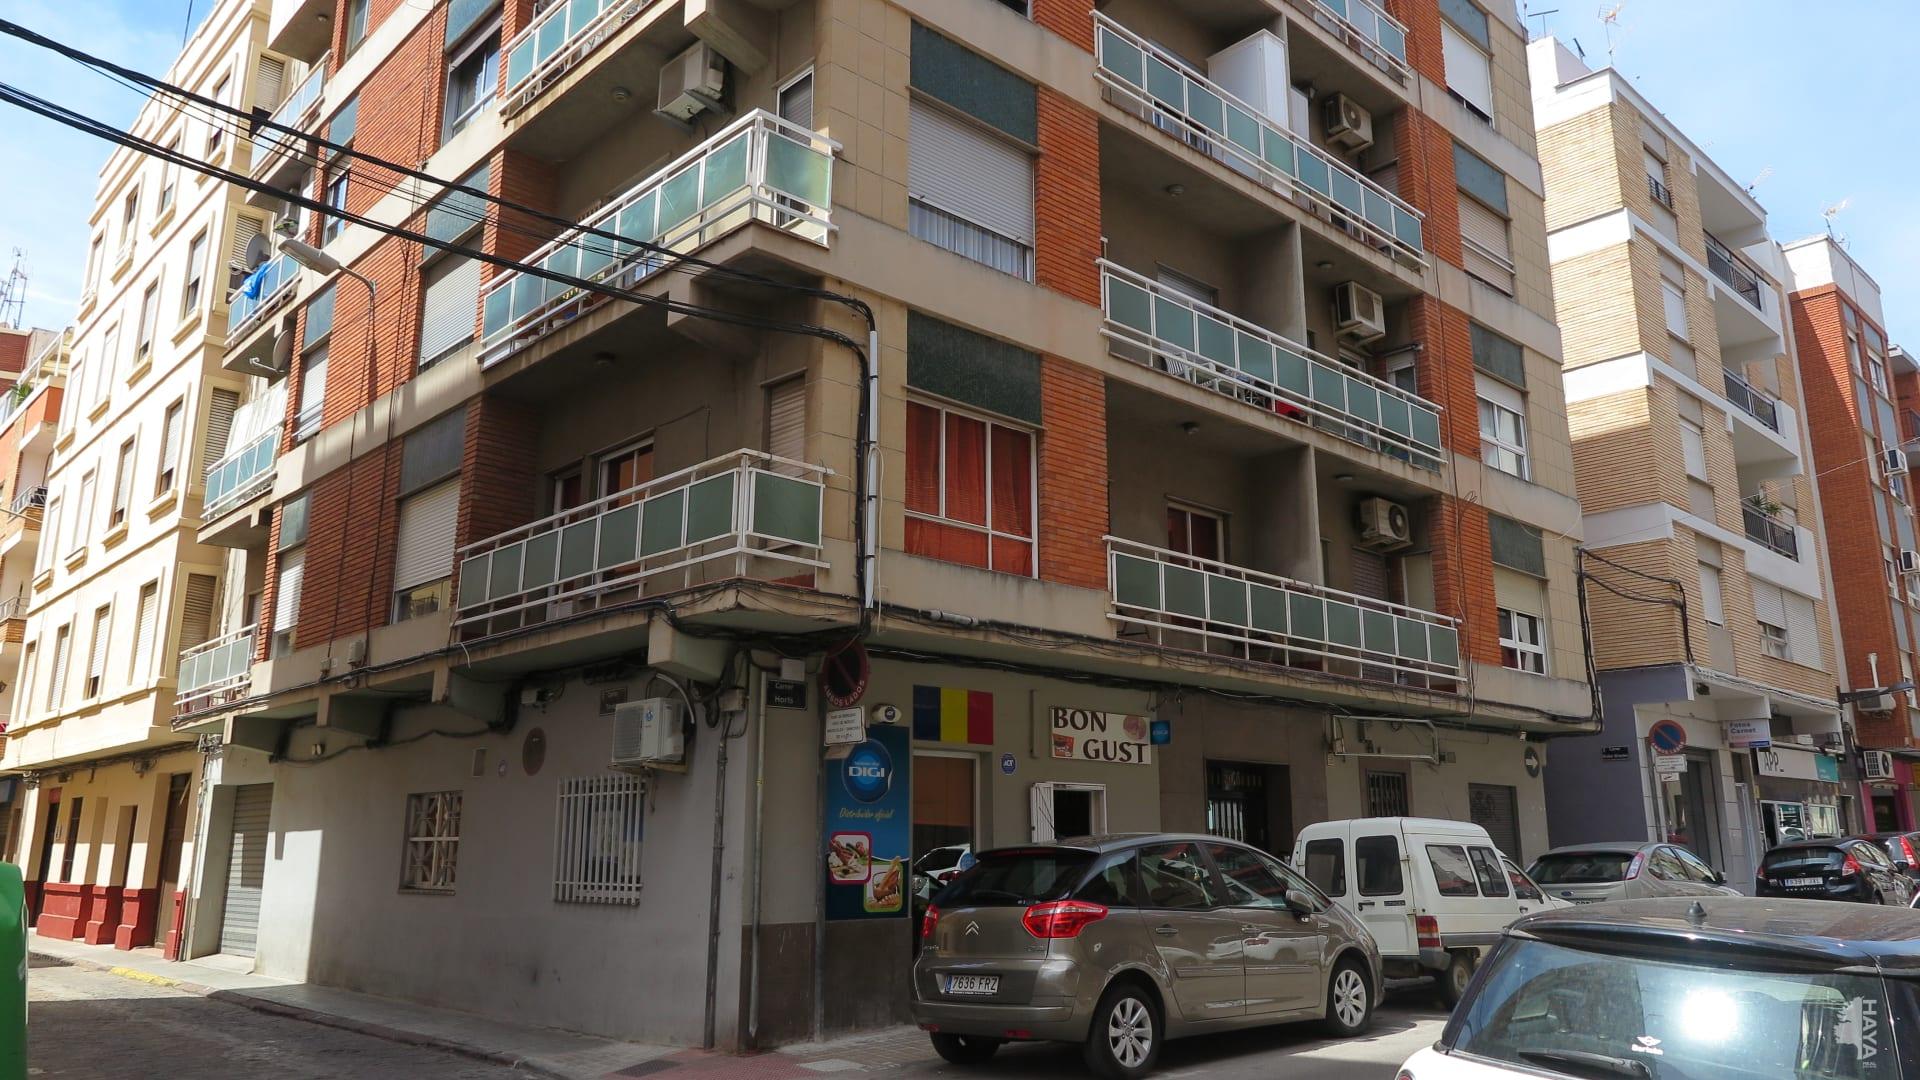 Piso en venta en La Cantera, Sagunto/sagunt, Valencia, Calle Huertos, 39.375 €, 3 habitaciones, 1 baño, 113 m2